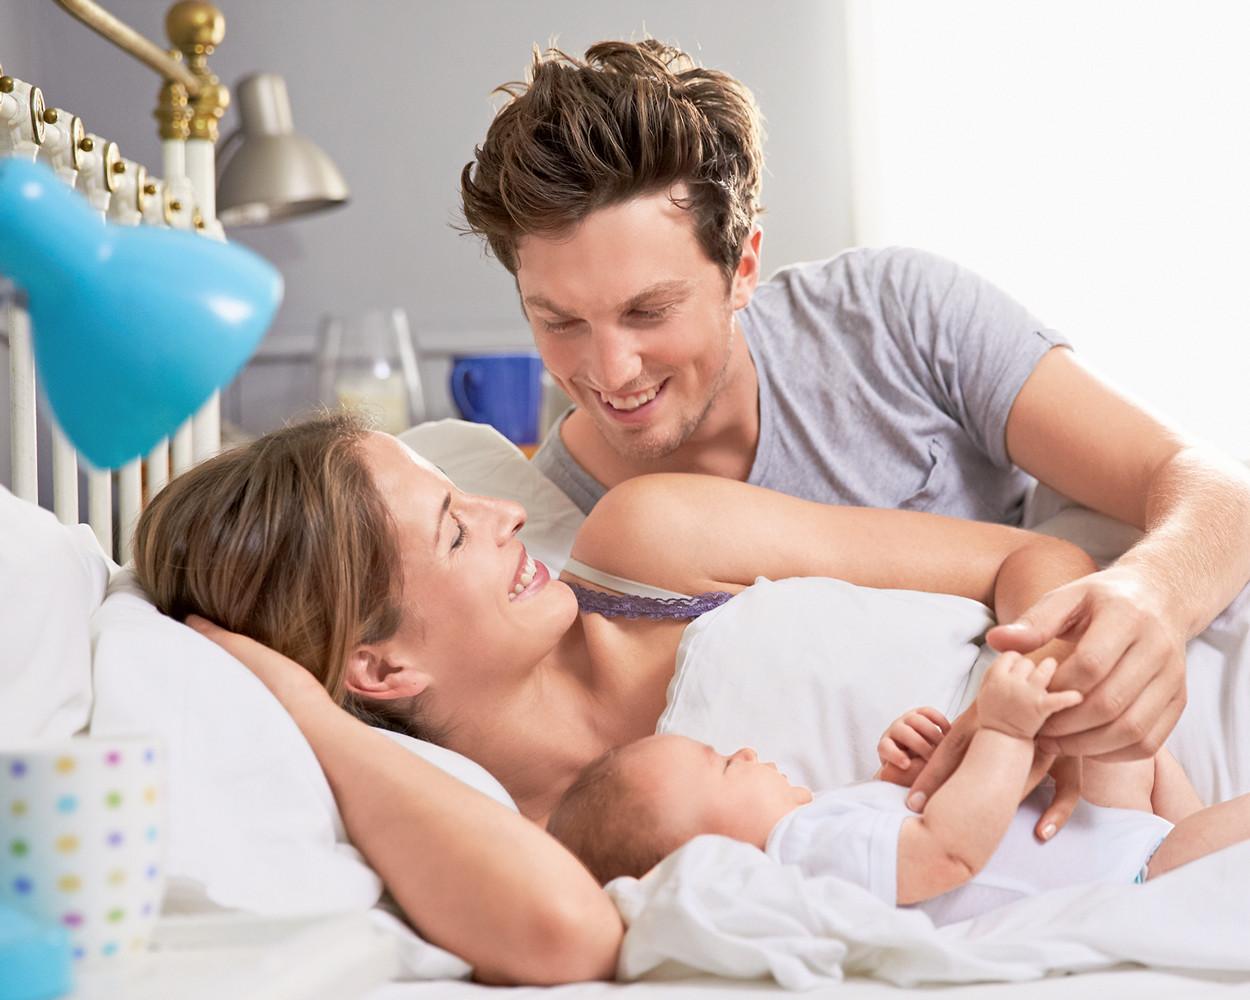 Совместный сон с ребенком: папа — «за», а мама — «против»